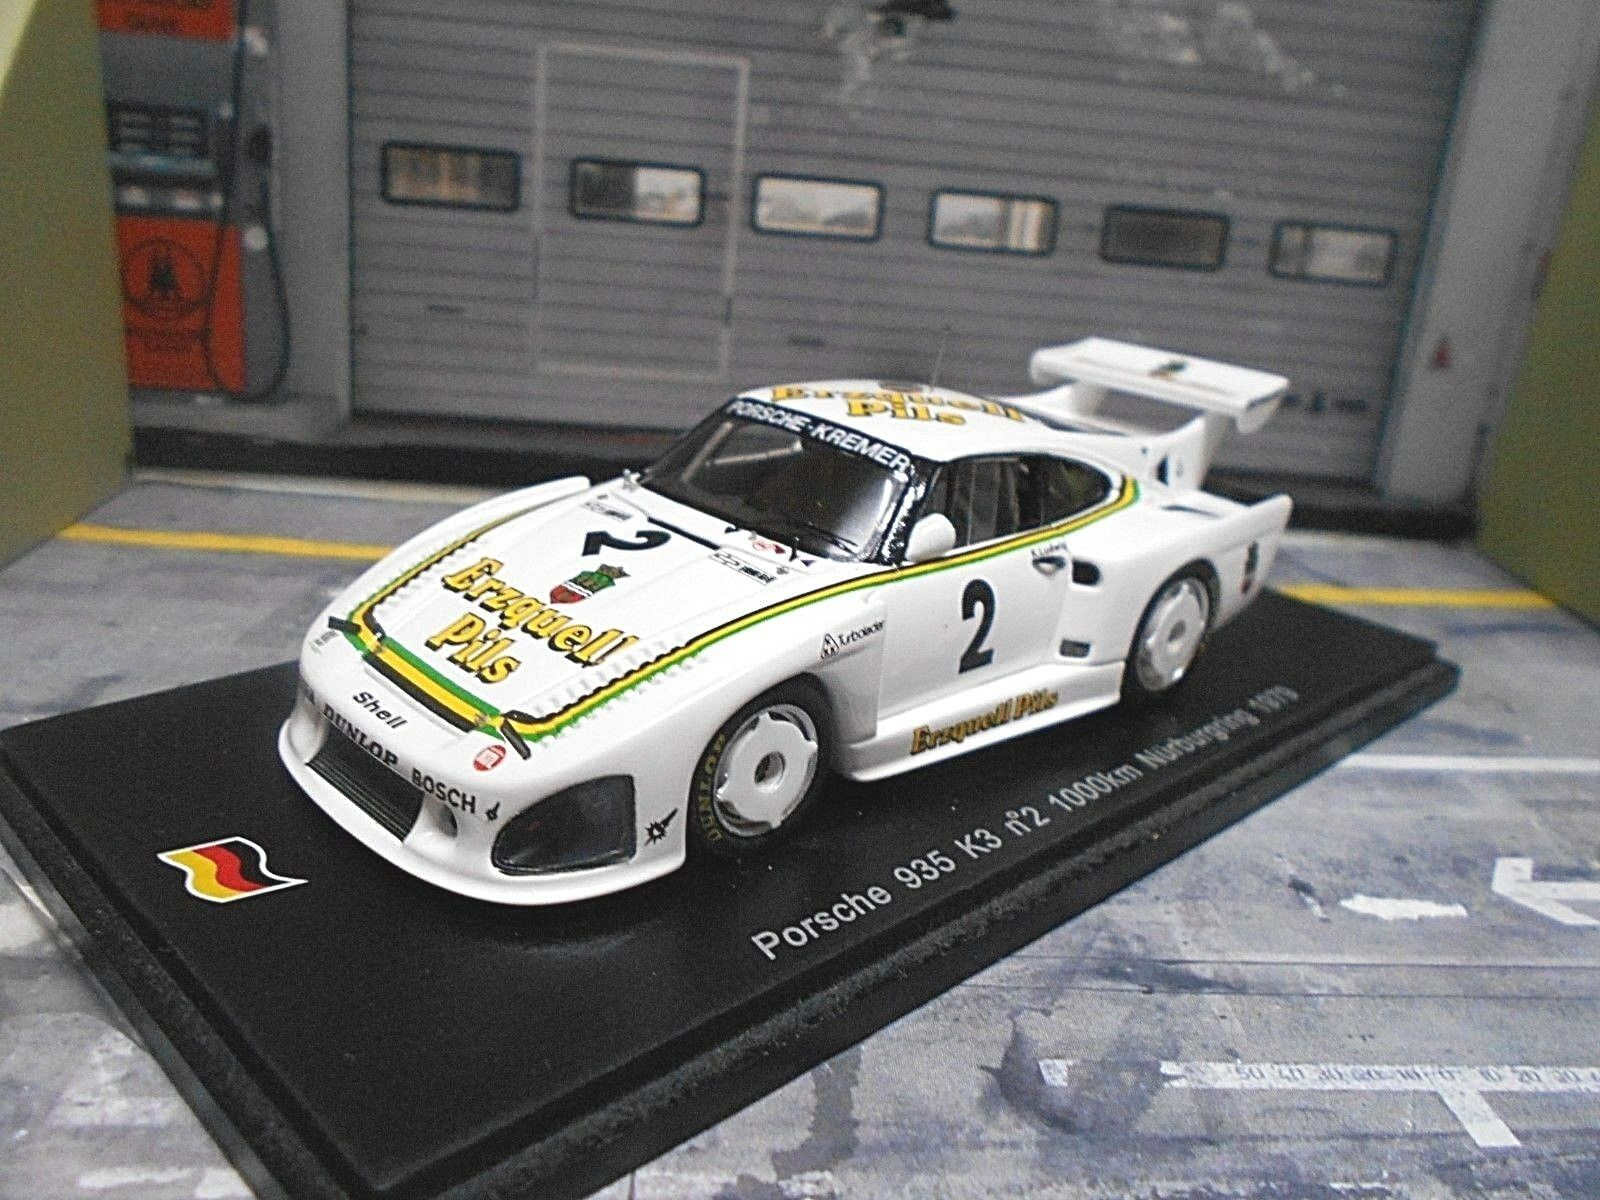 PORSCHE 935 Turbo K3 Kremer 1000 Nürburgring 1979  2 Erzquell Ludwig Spark 1 43